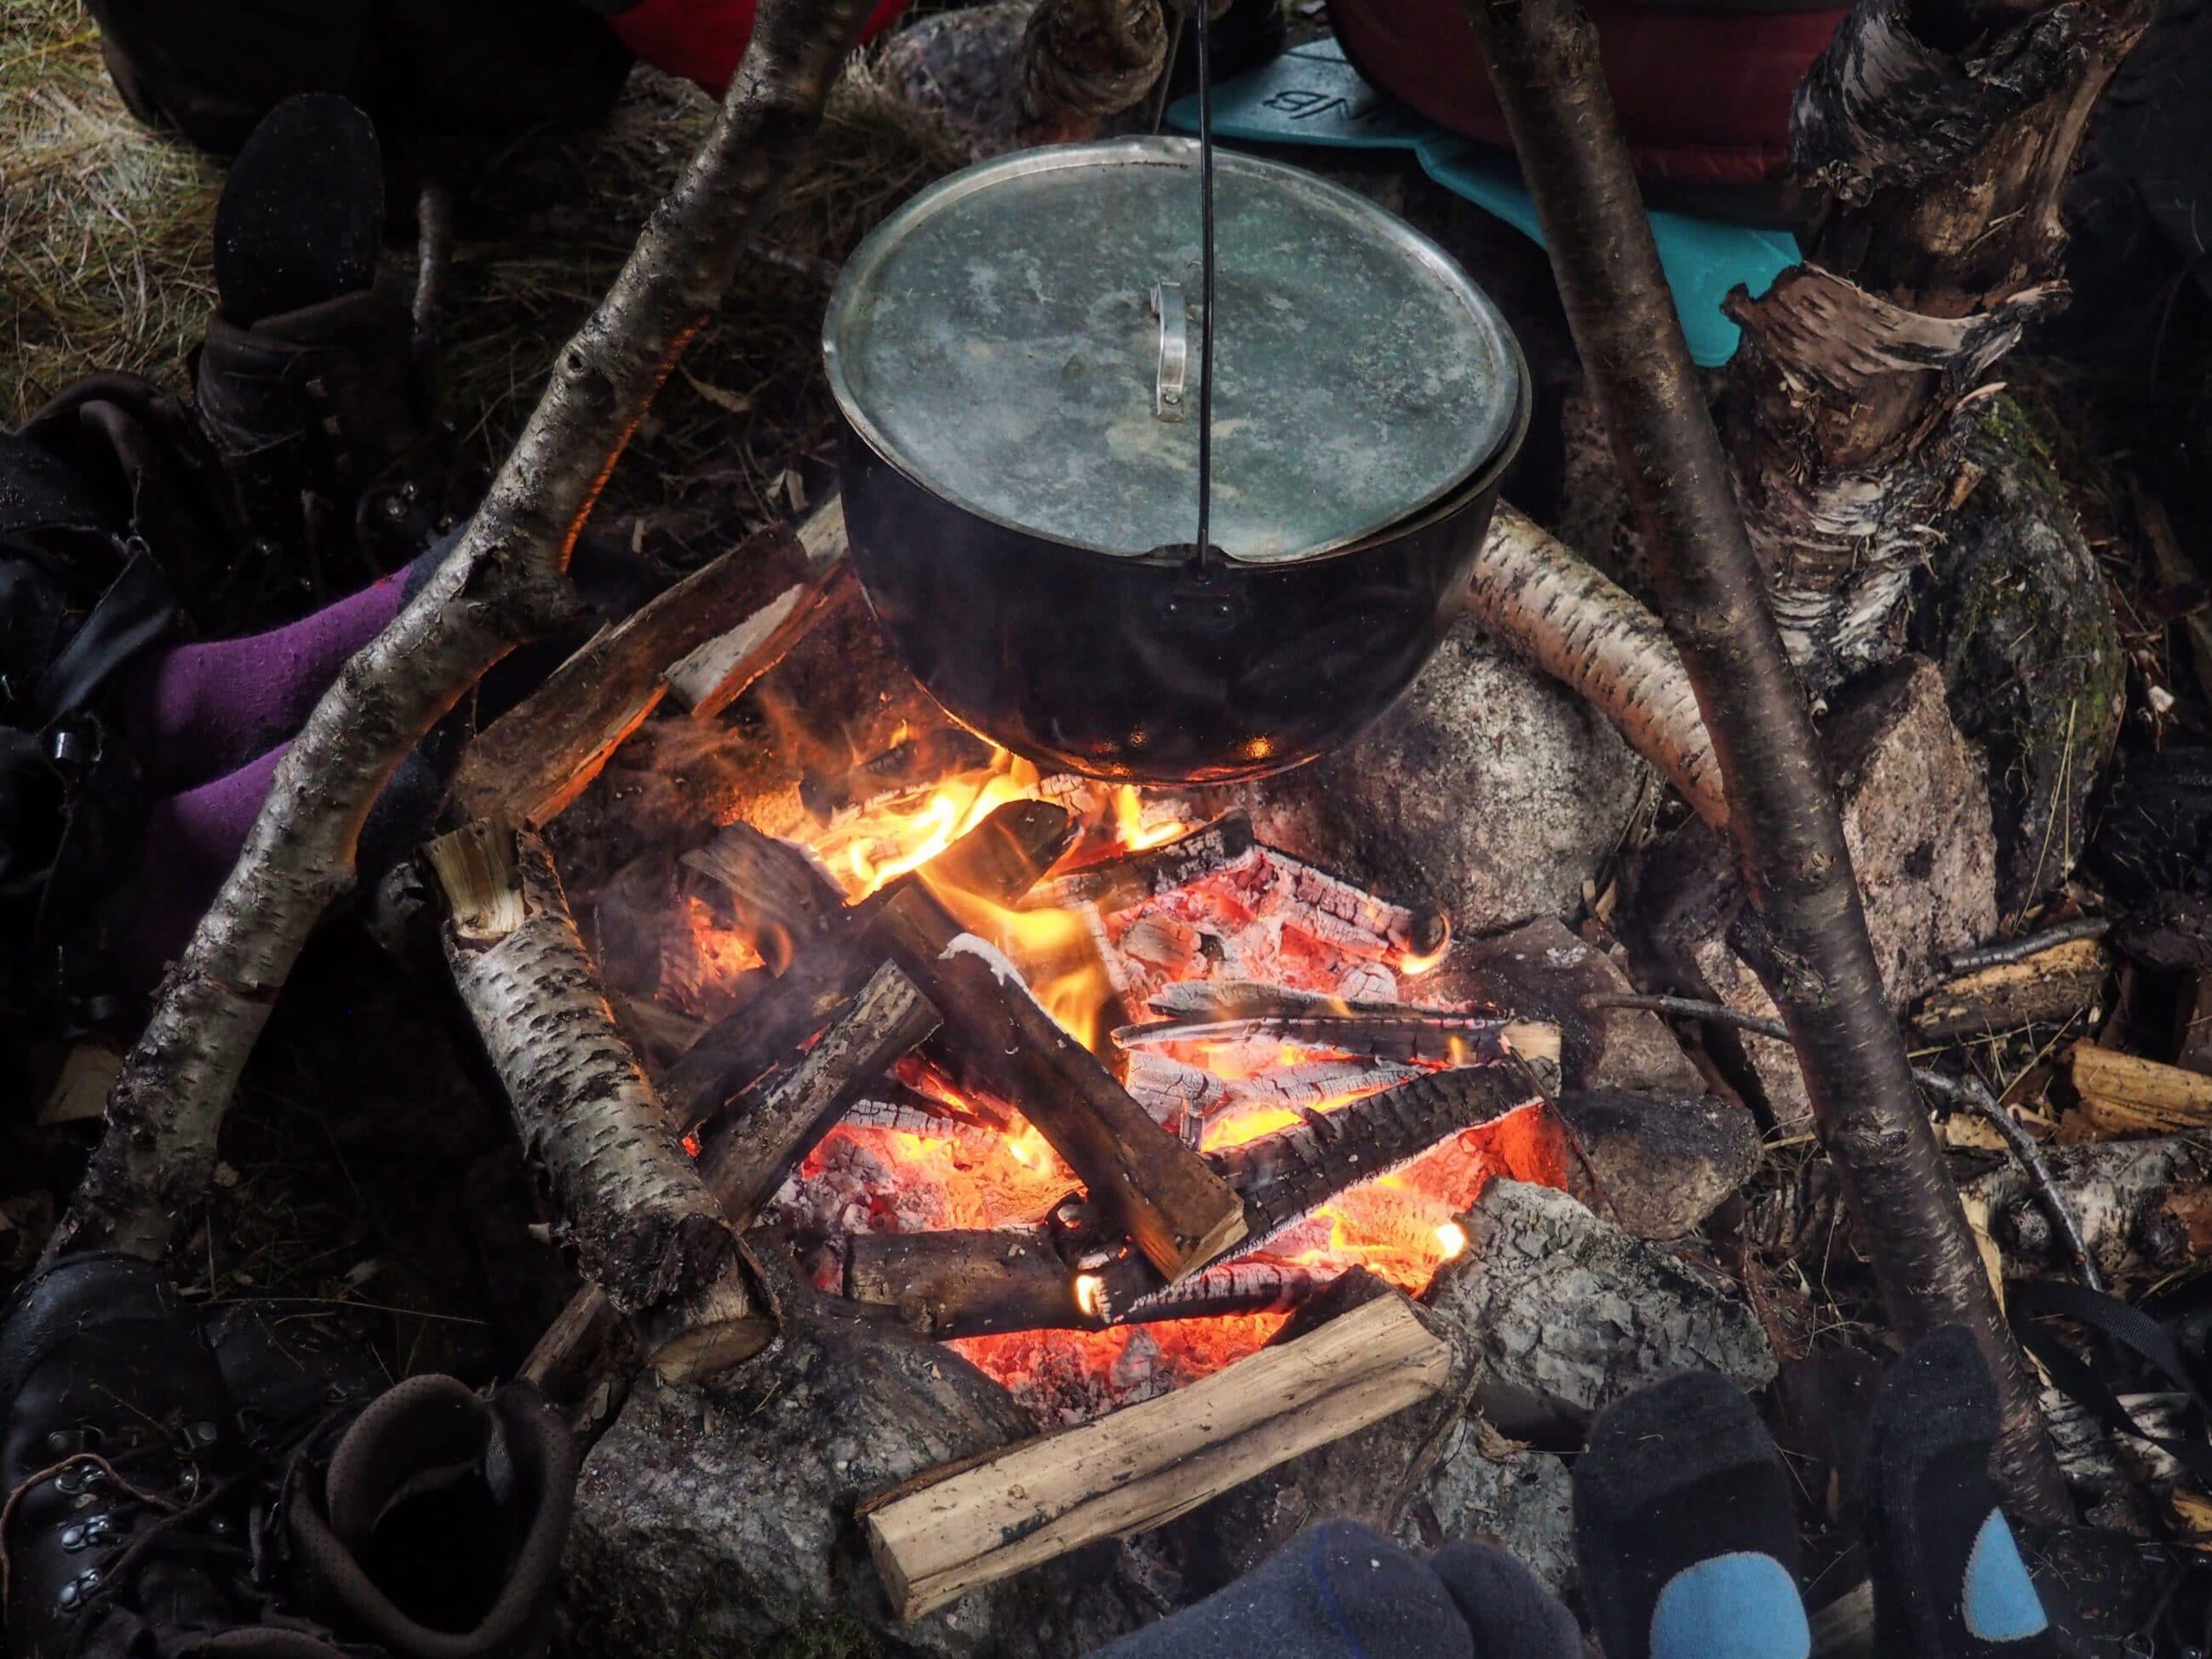 Kochtopf über offenen Lagerfeuer